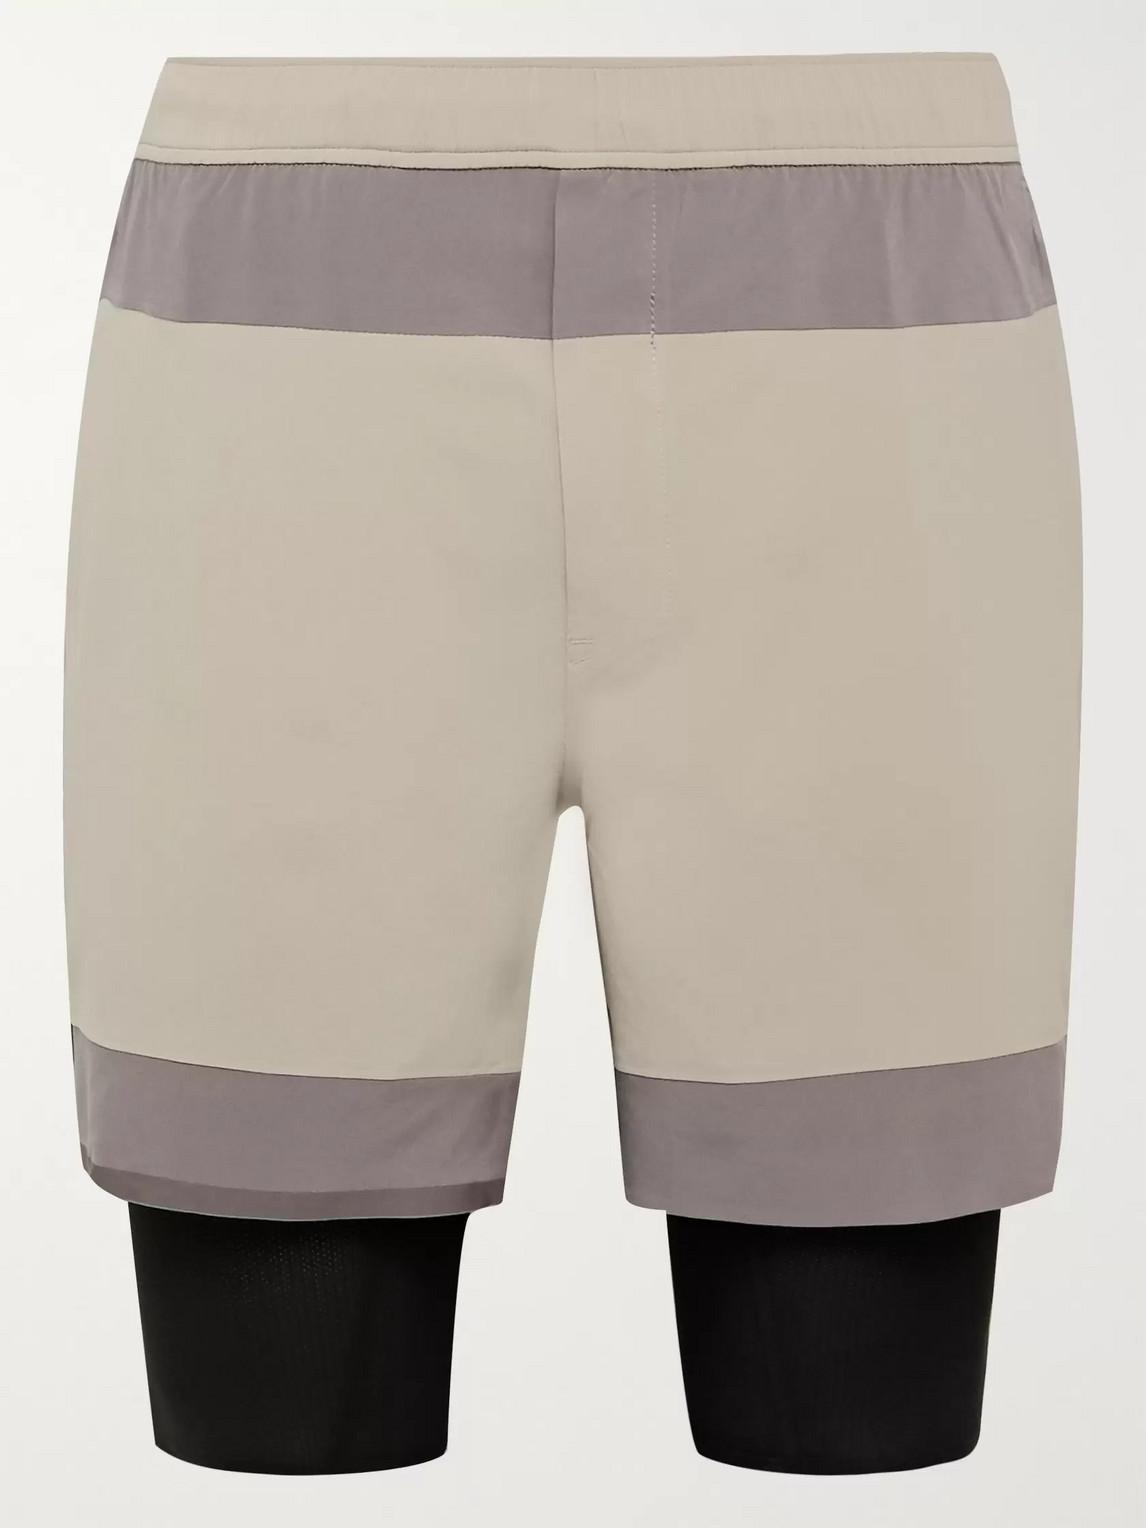 lululemon - robert geller take the moment colour-block swift shorts - men - gray